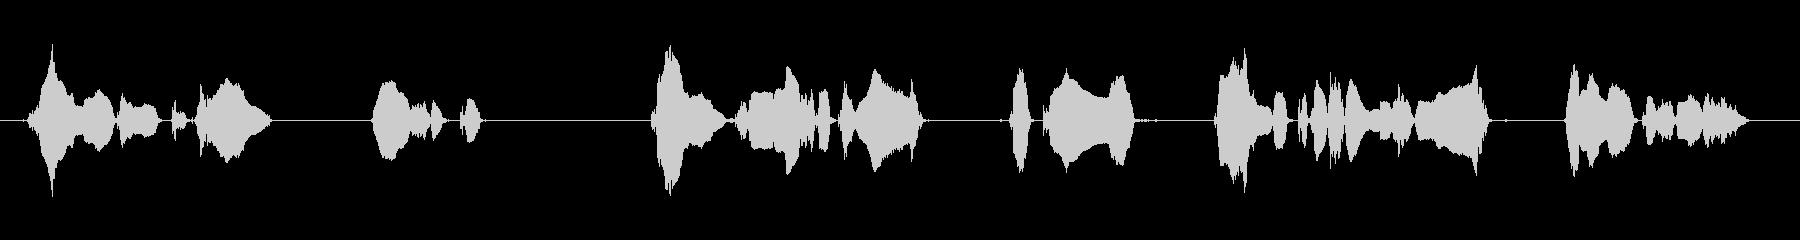 場内での喫煙、飲食、講演中の撮影・録音はの未再生の波形